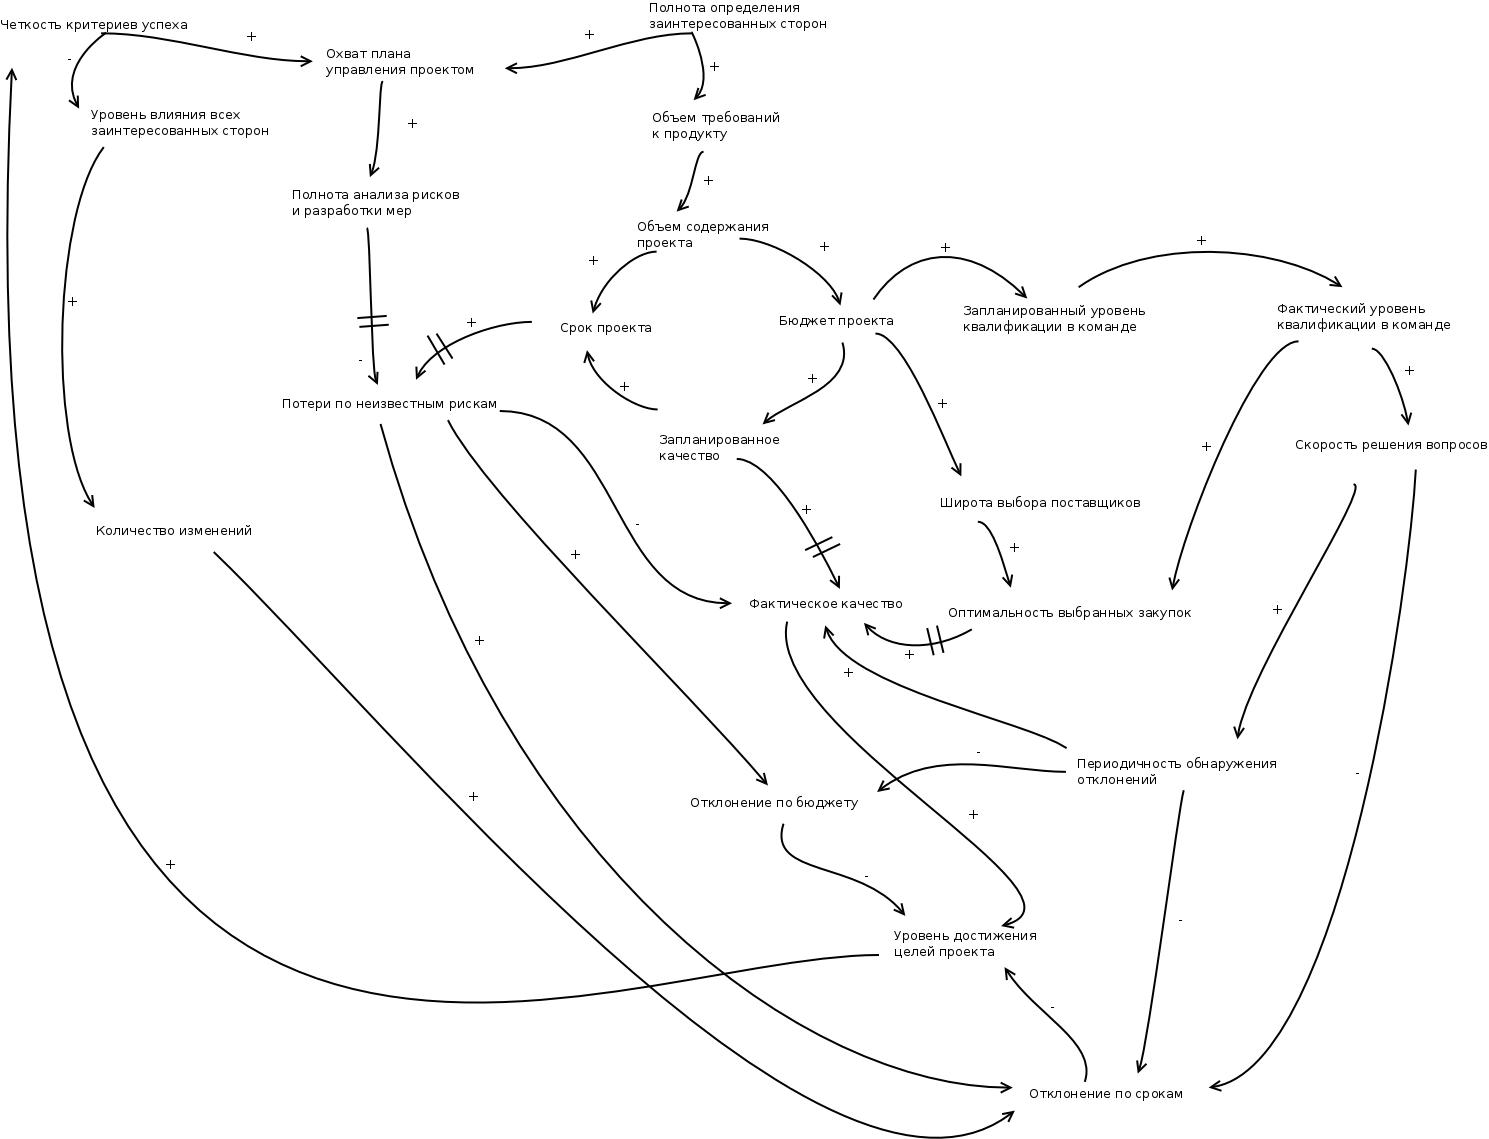 Системный подход в анализе проектов